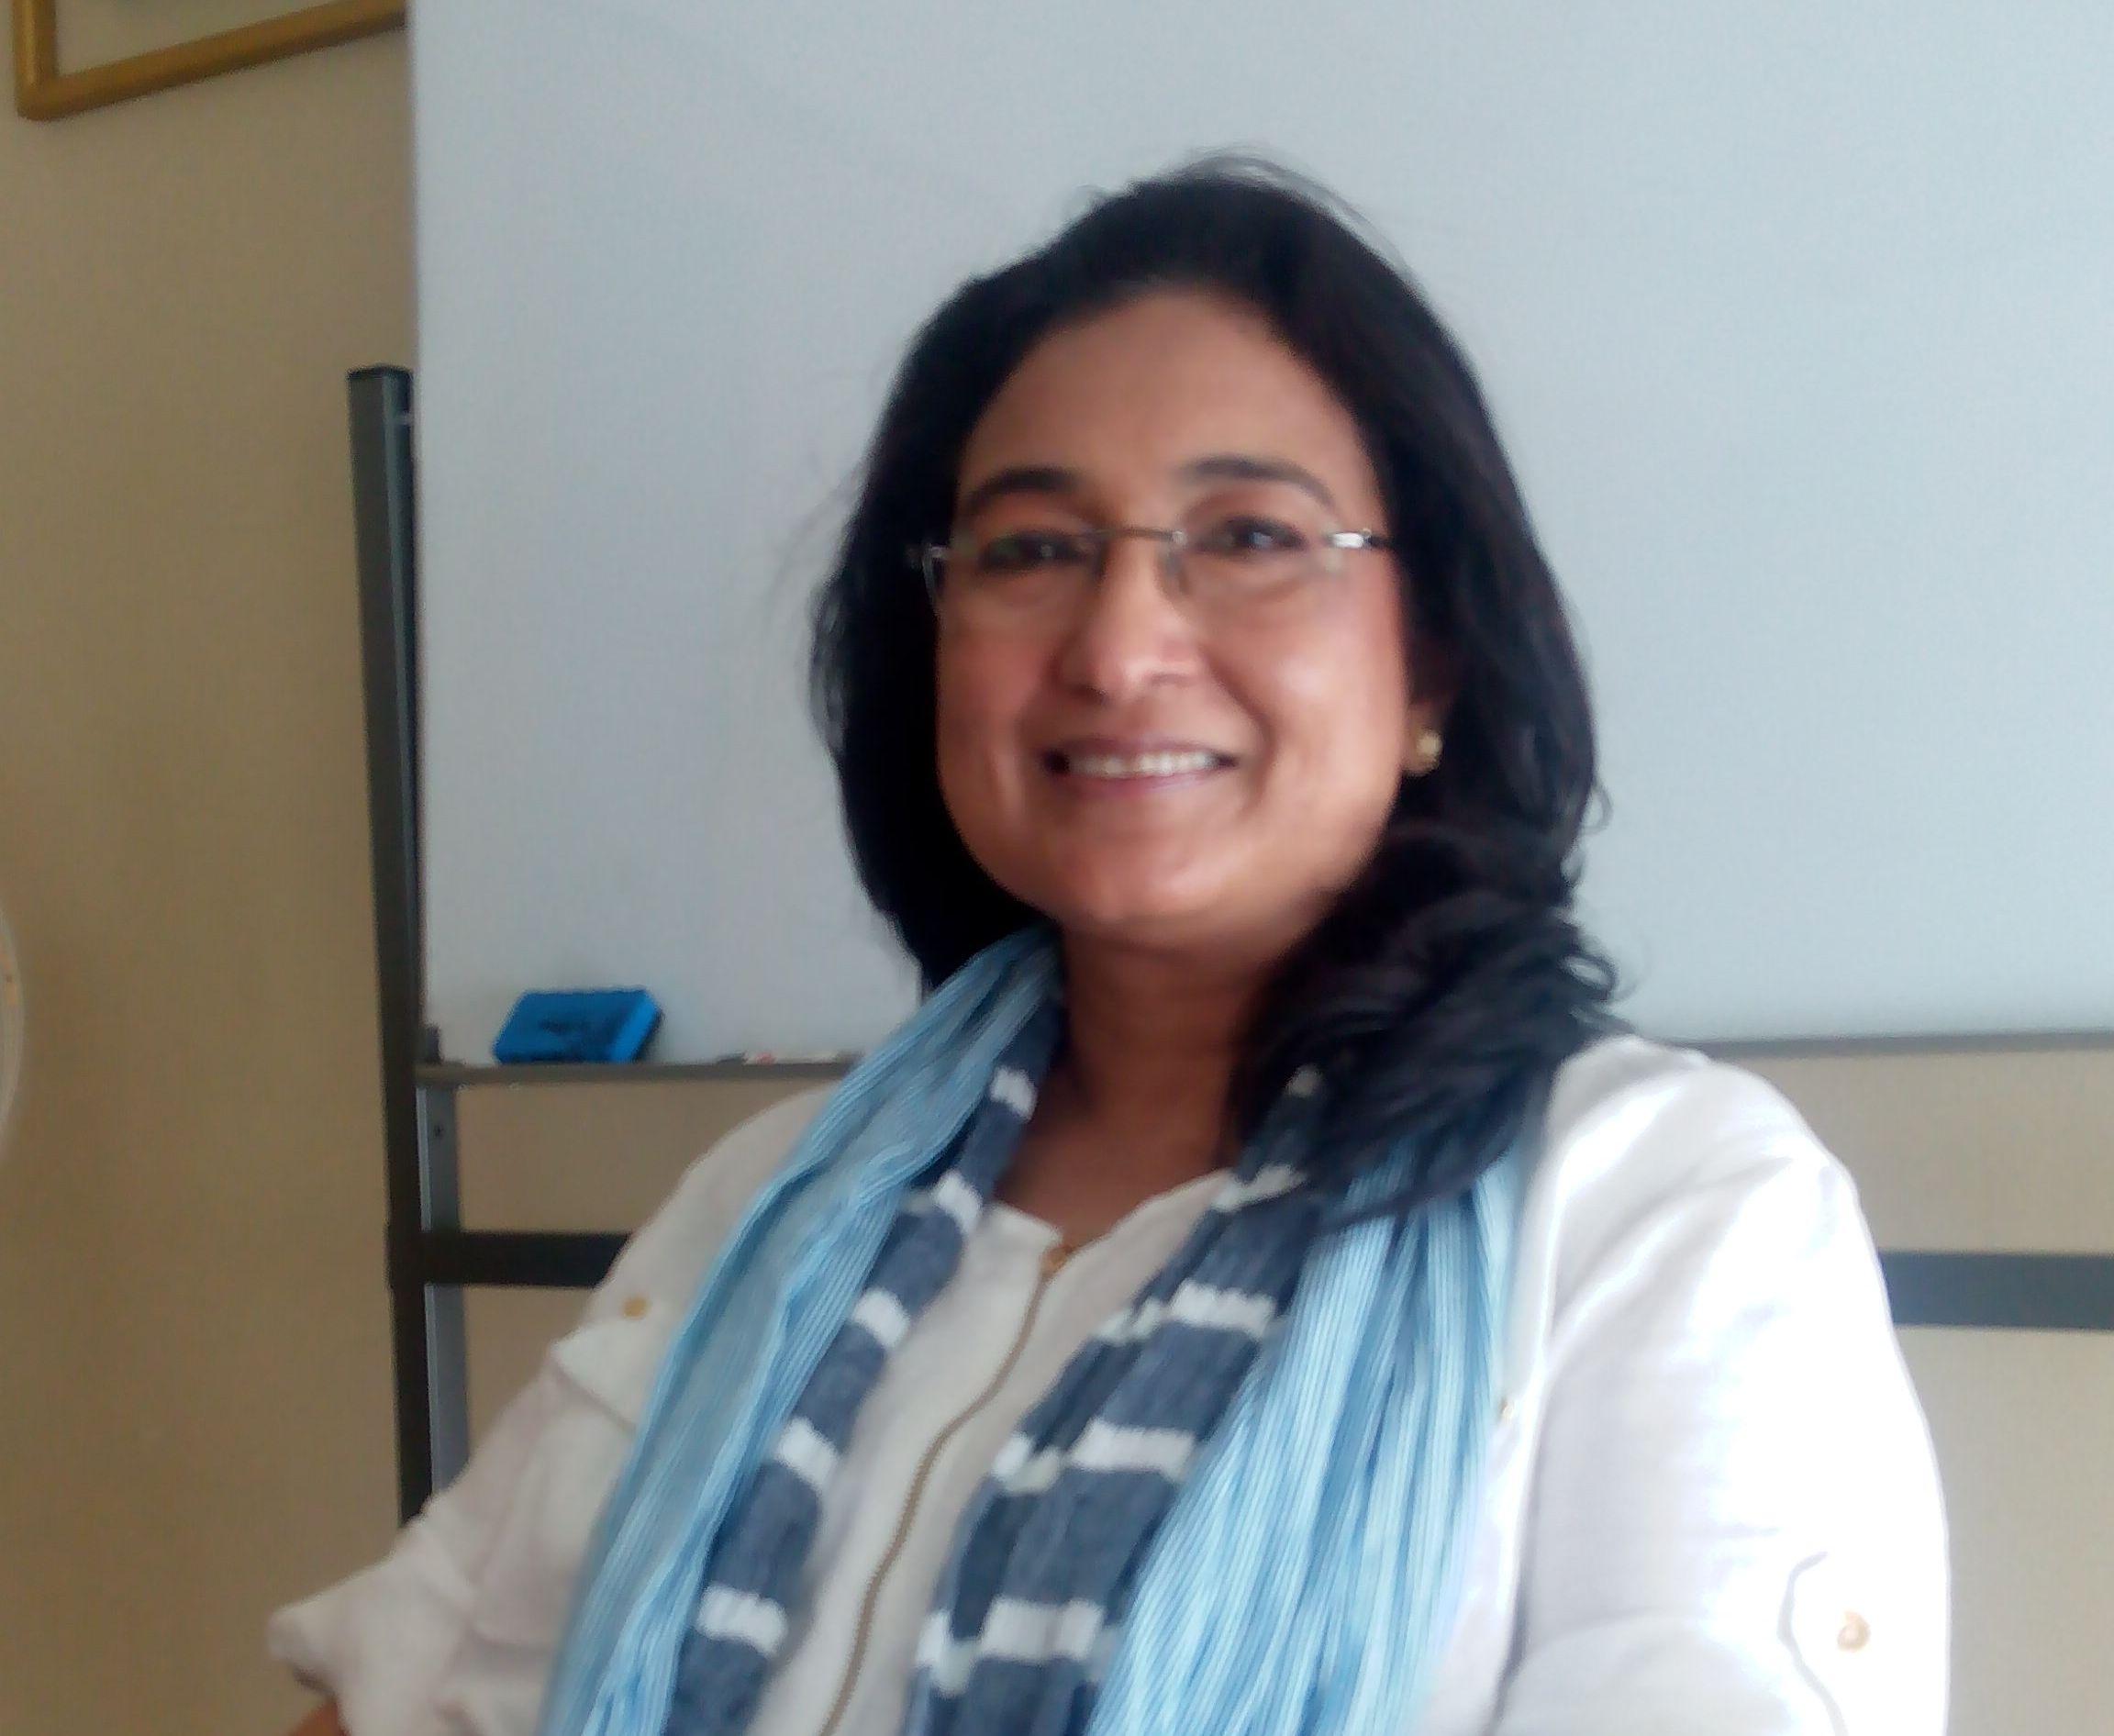 Interview with Sangeeta Jaggia, a Reiki Master